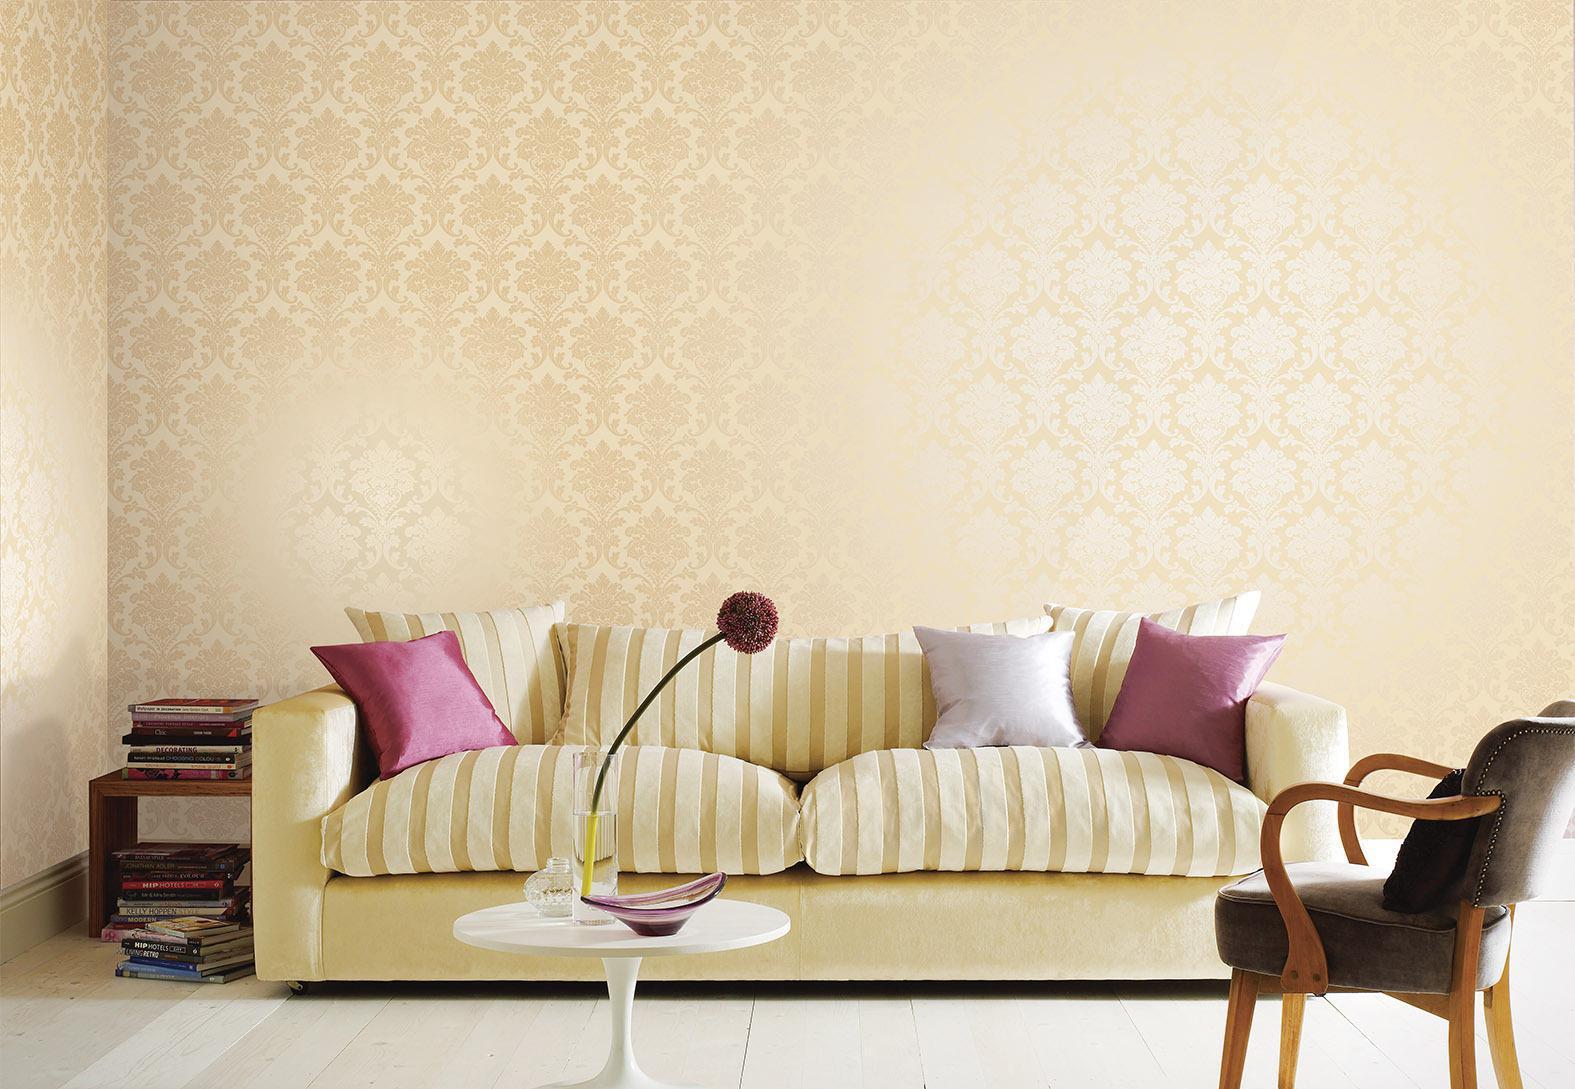 墙面装修不要贴墙纸了,有钱人都这样装,既美观又防潮!